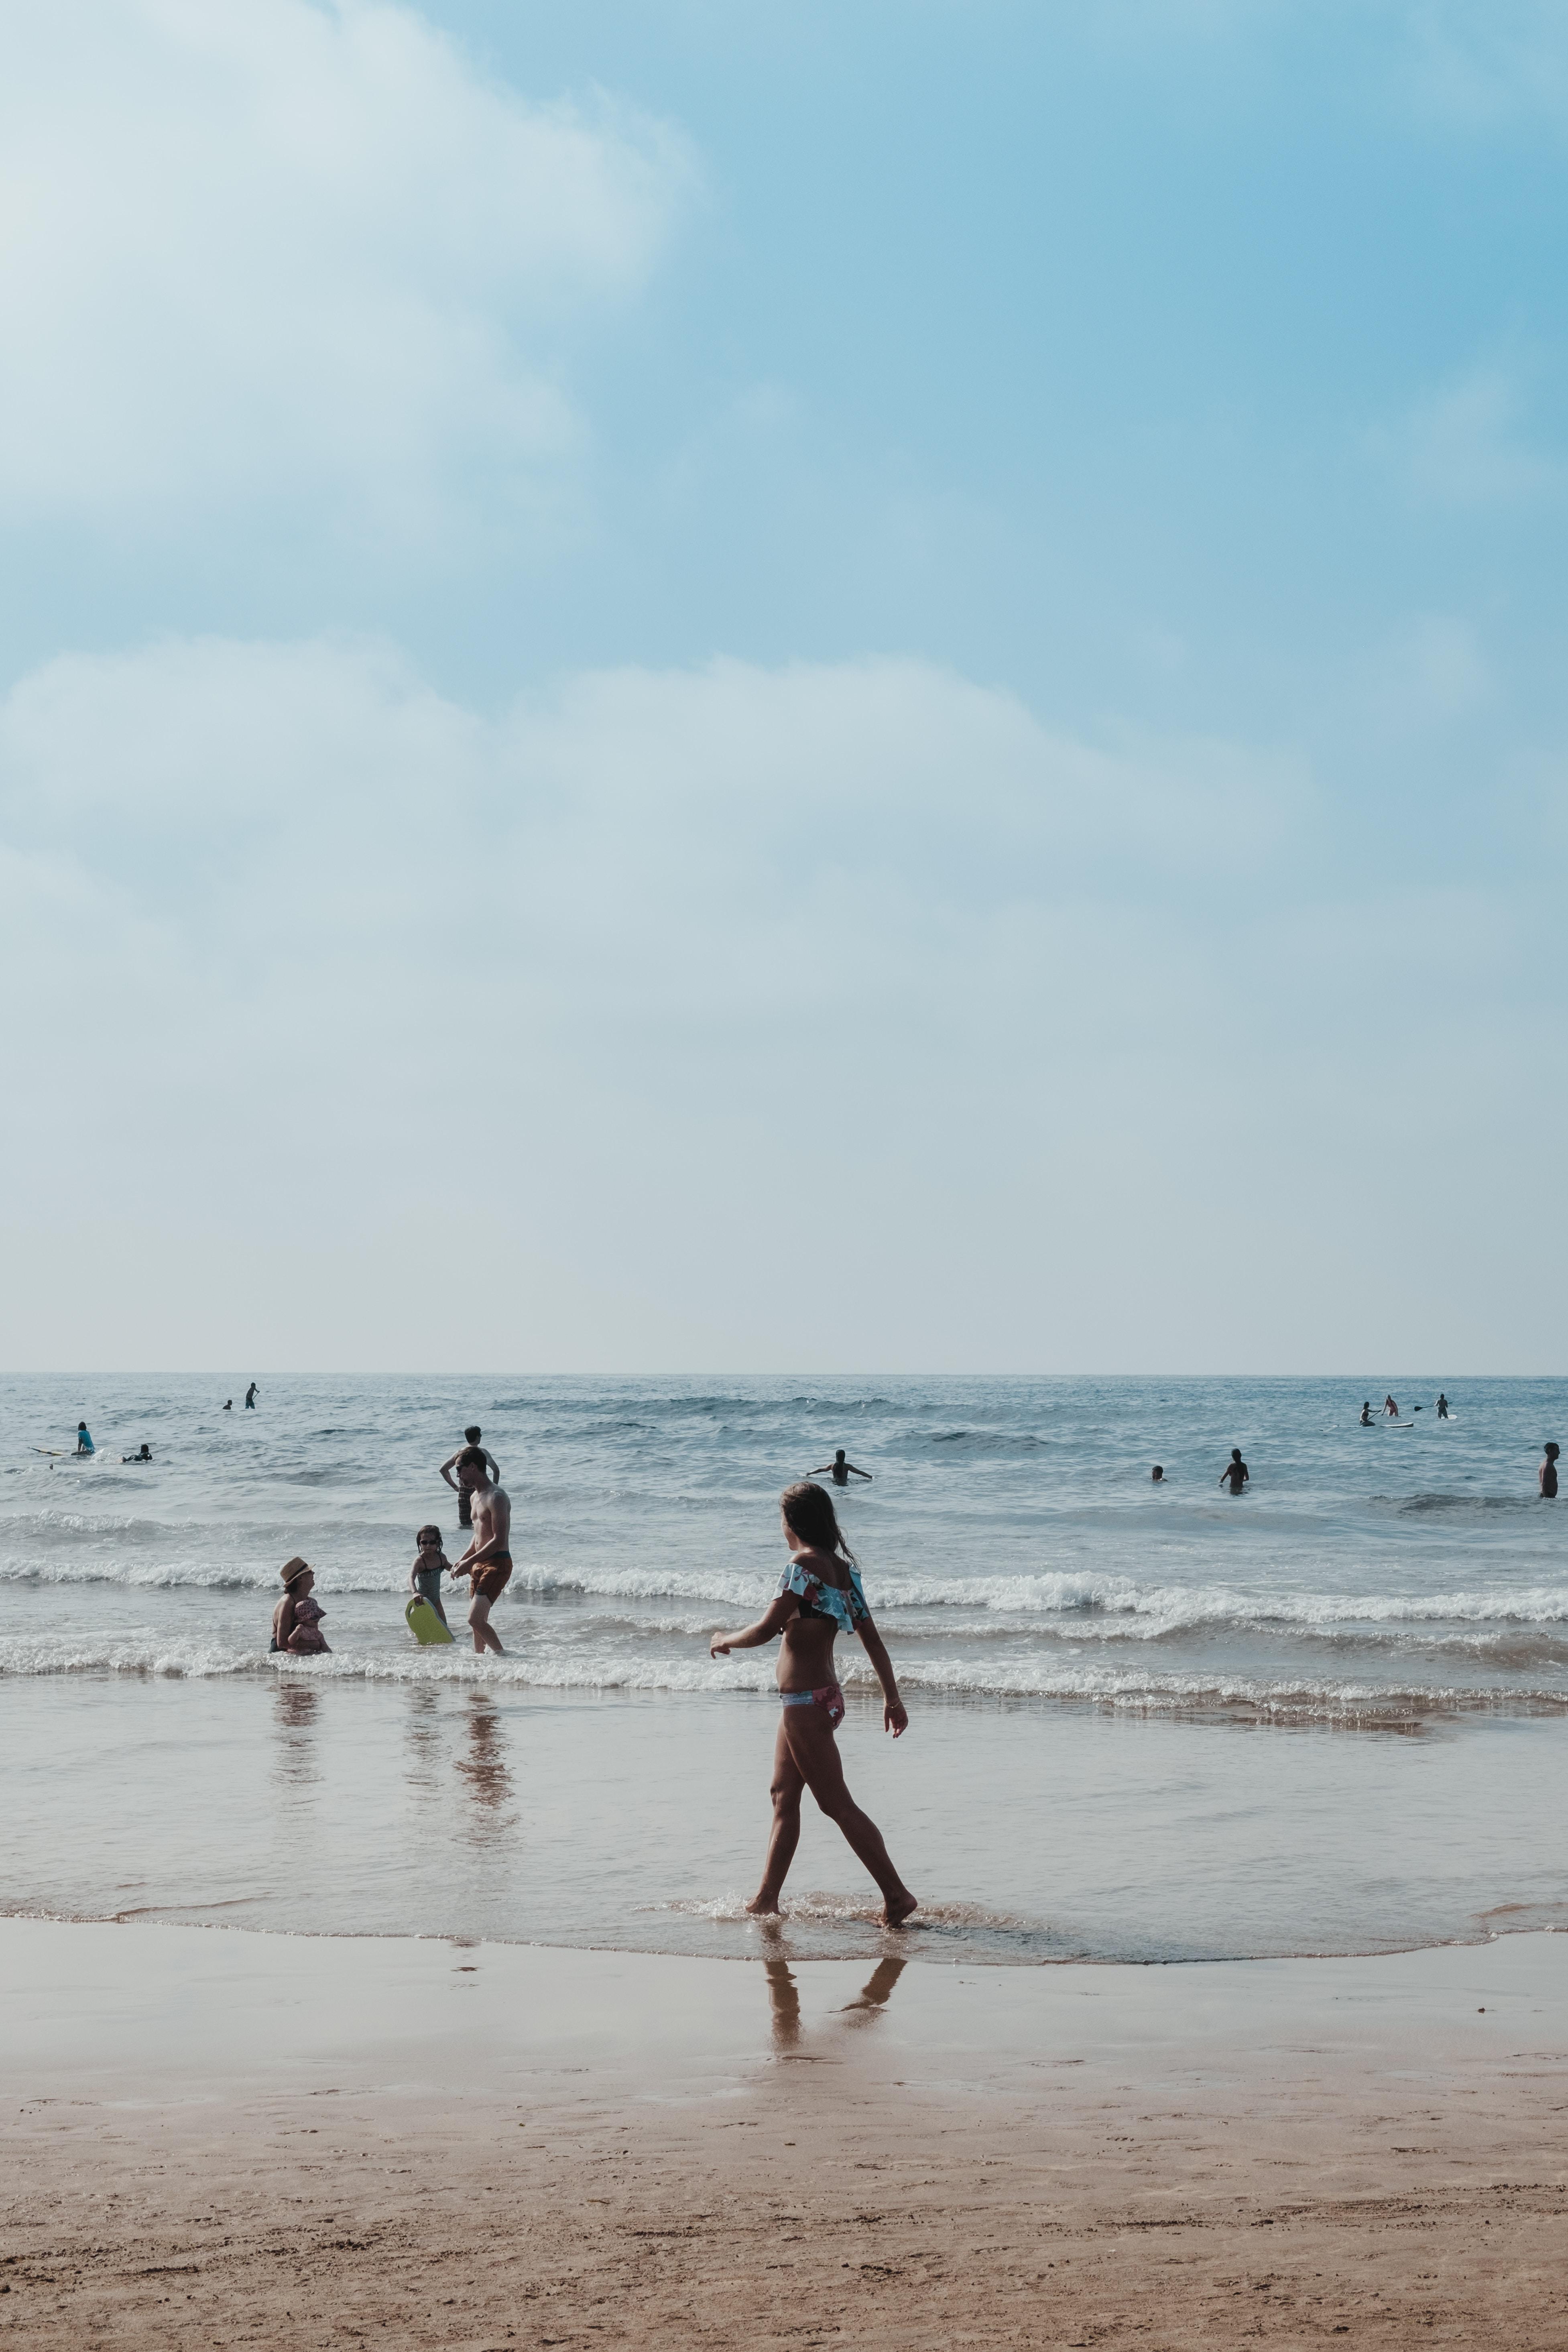 woman walking on seashore during daytime